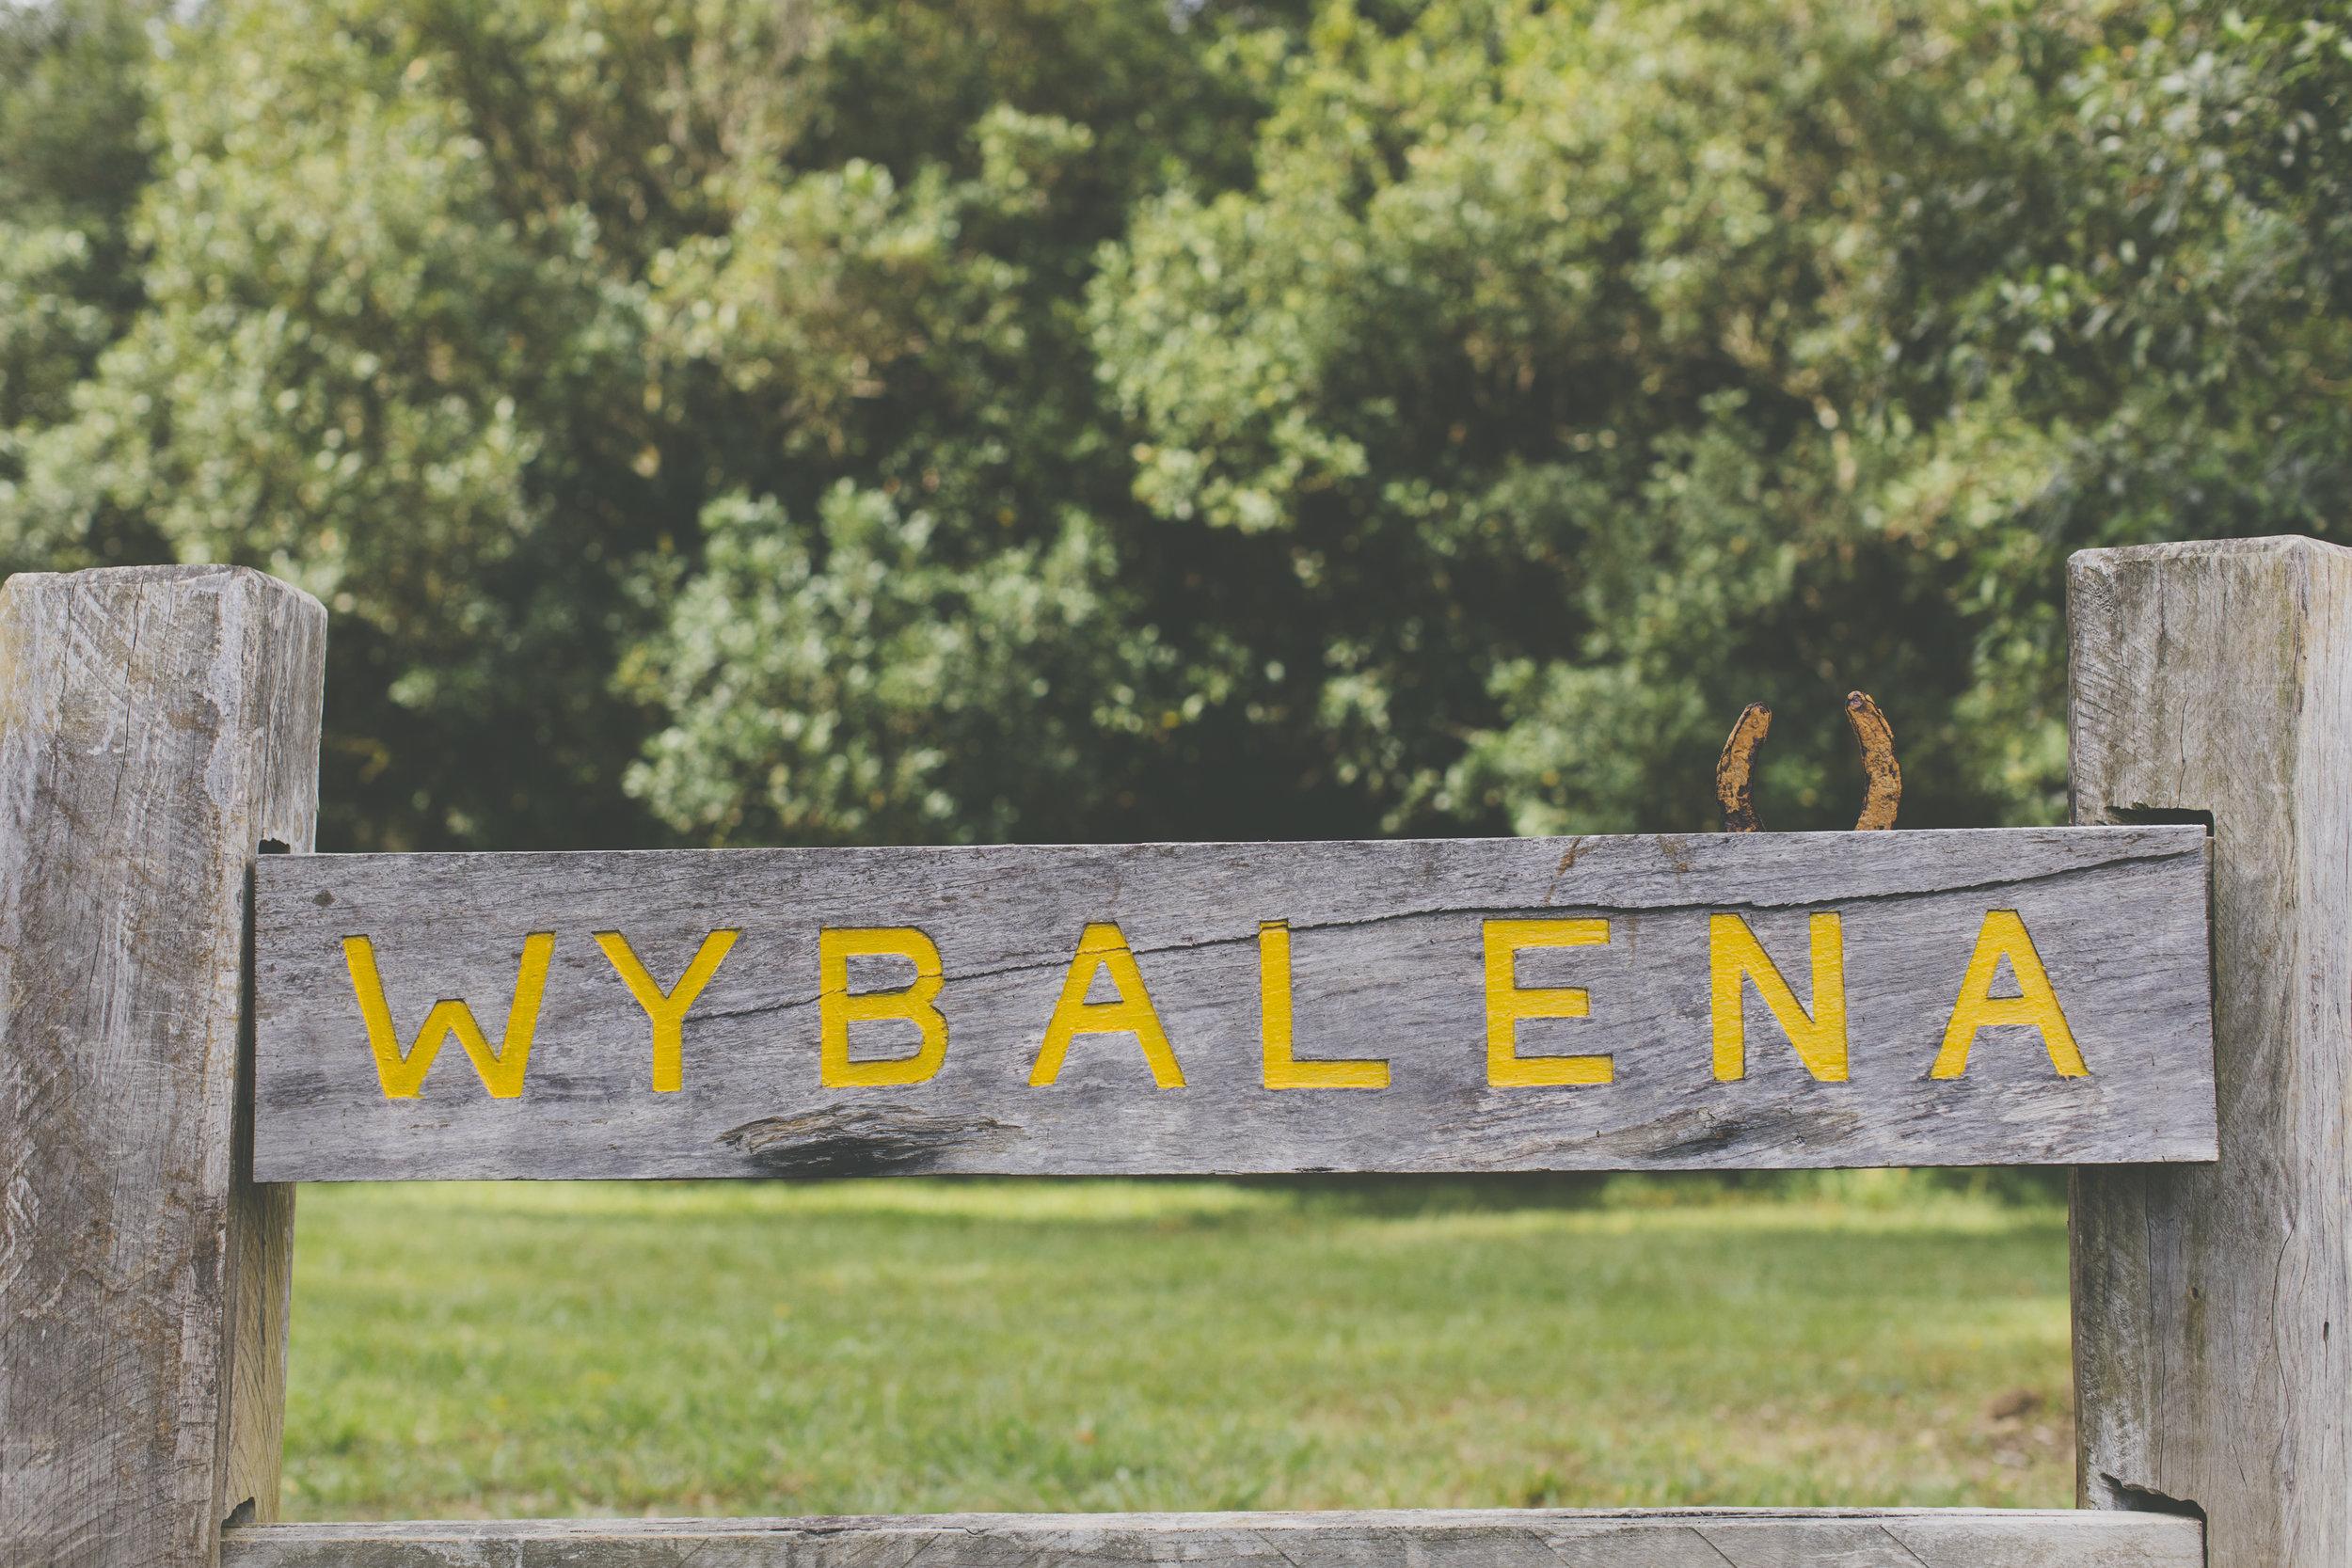 Wybalena Organic Farm